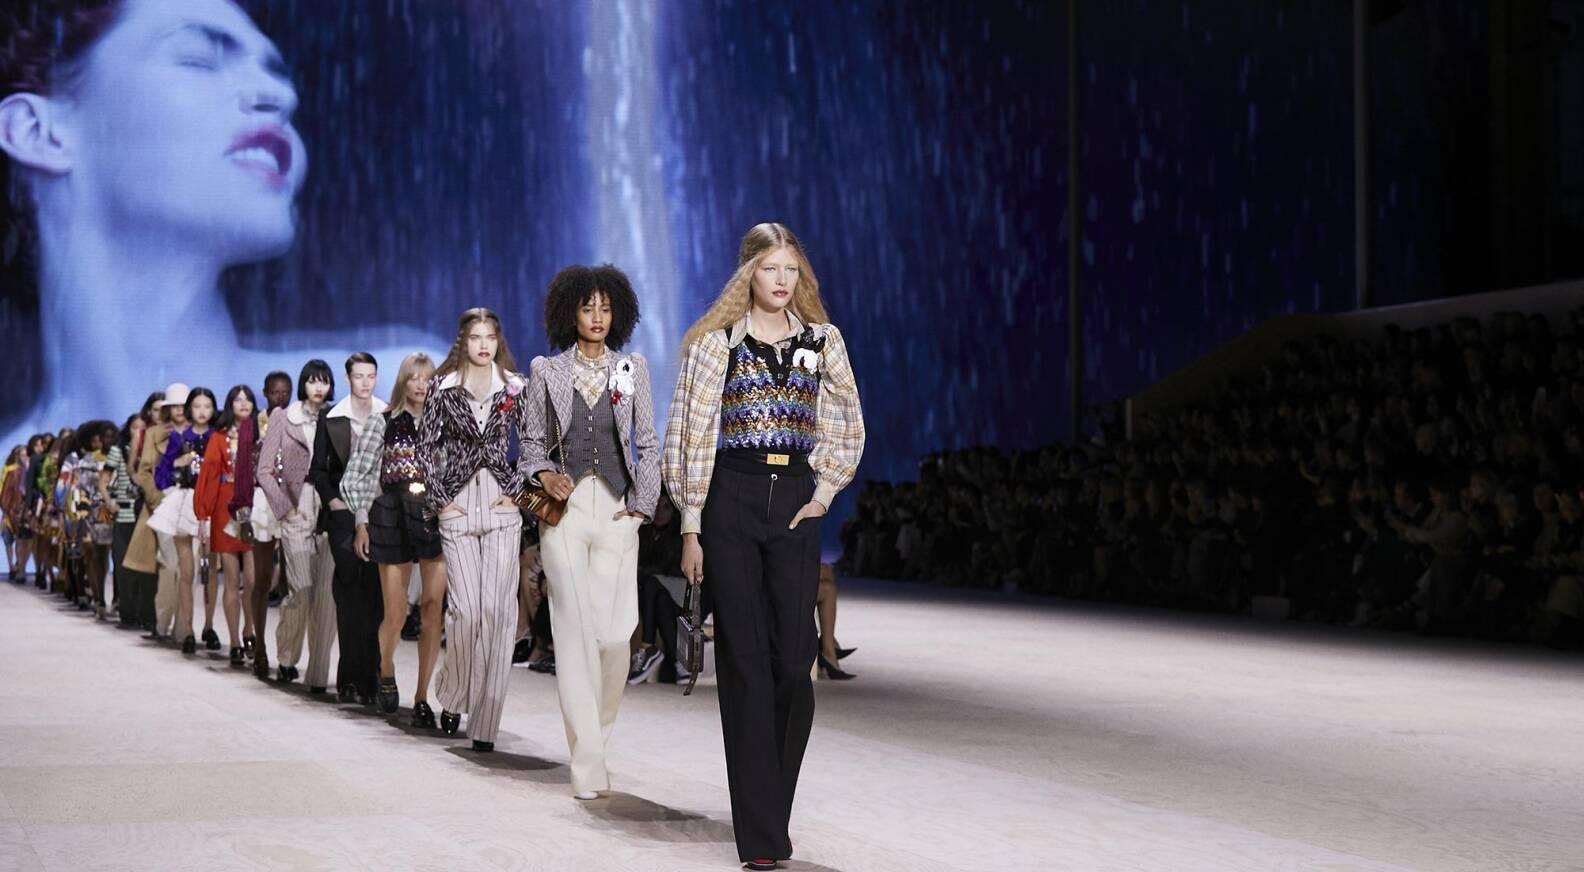 Da Milano a Parigi, le Maison di moda LVMH presentano i look